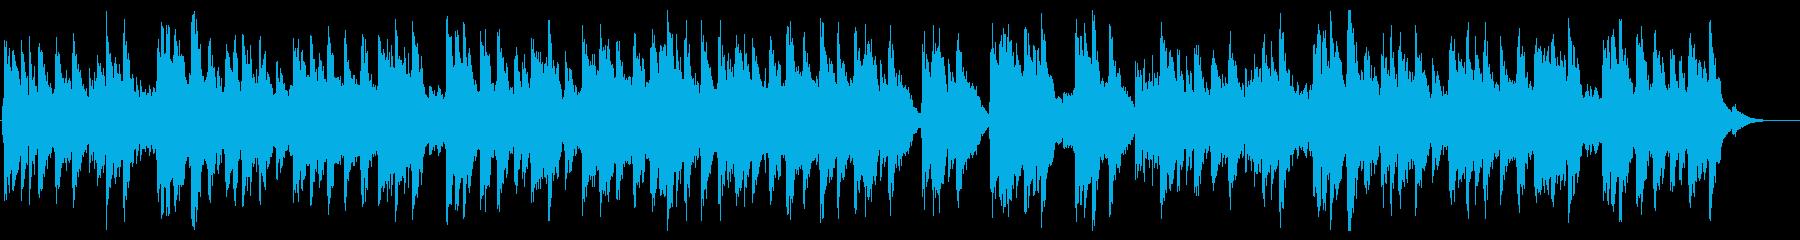 アンダンテ・カンタービレ crystalの再生済みの波形